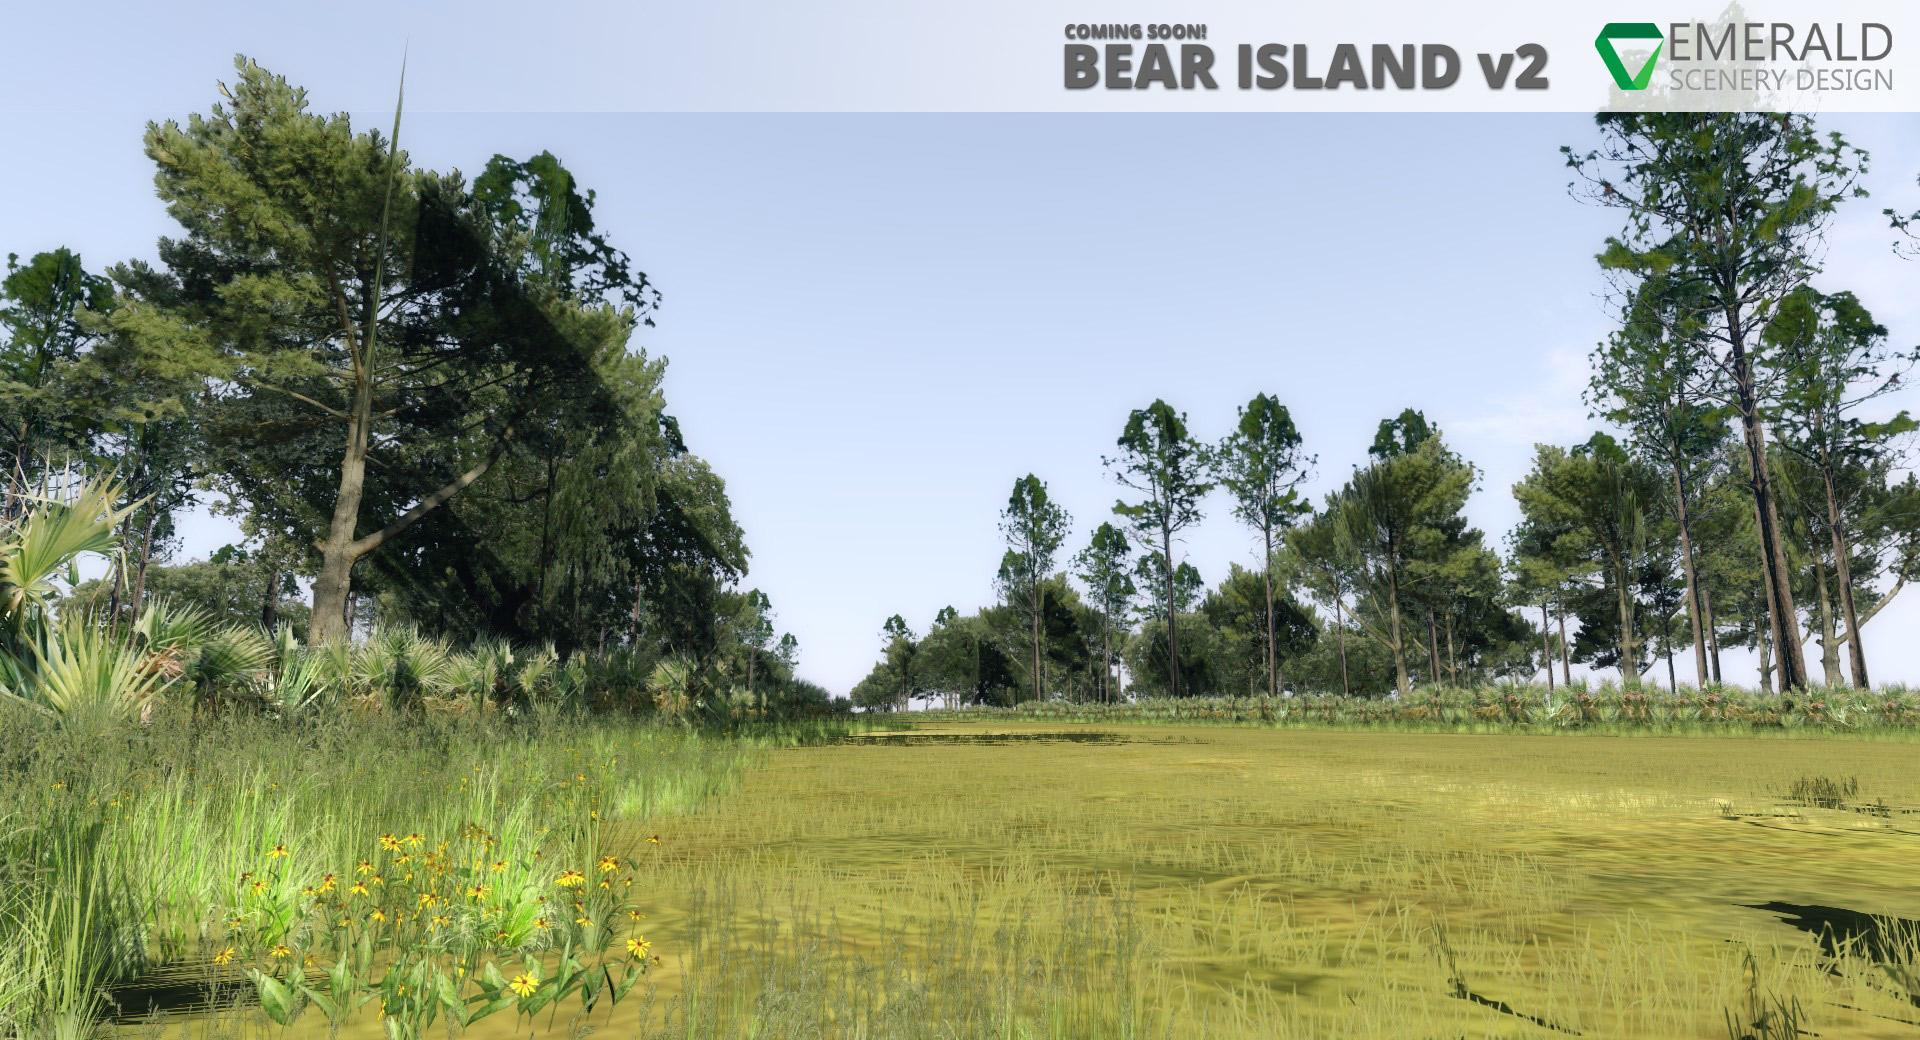 bearisland_p3dv4_comingverysoon.jpg